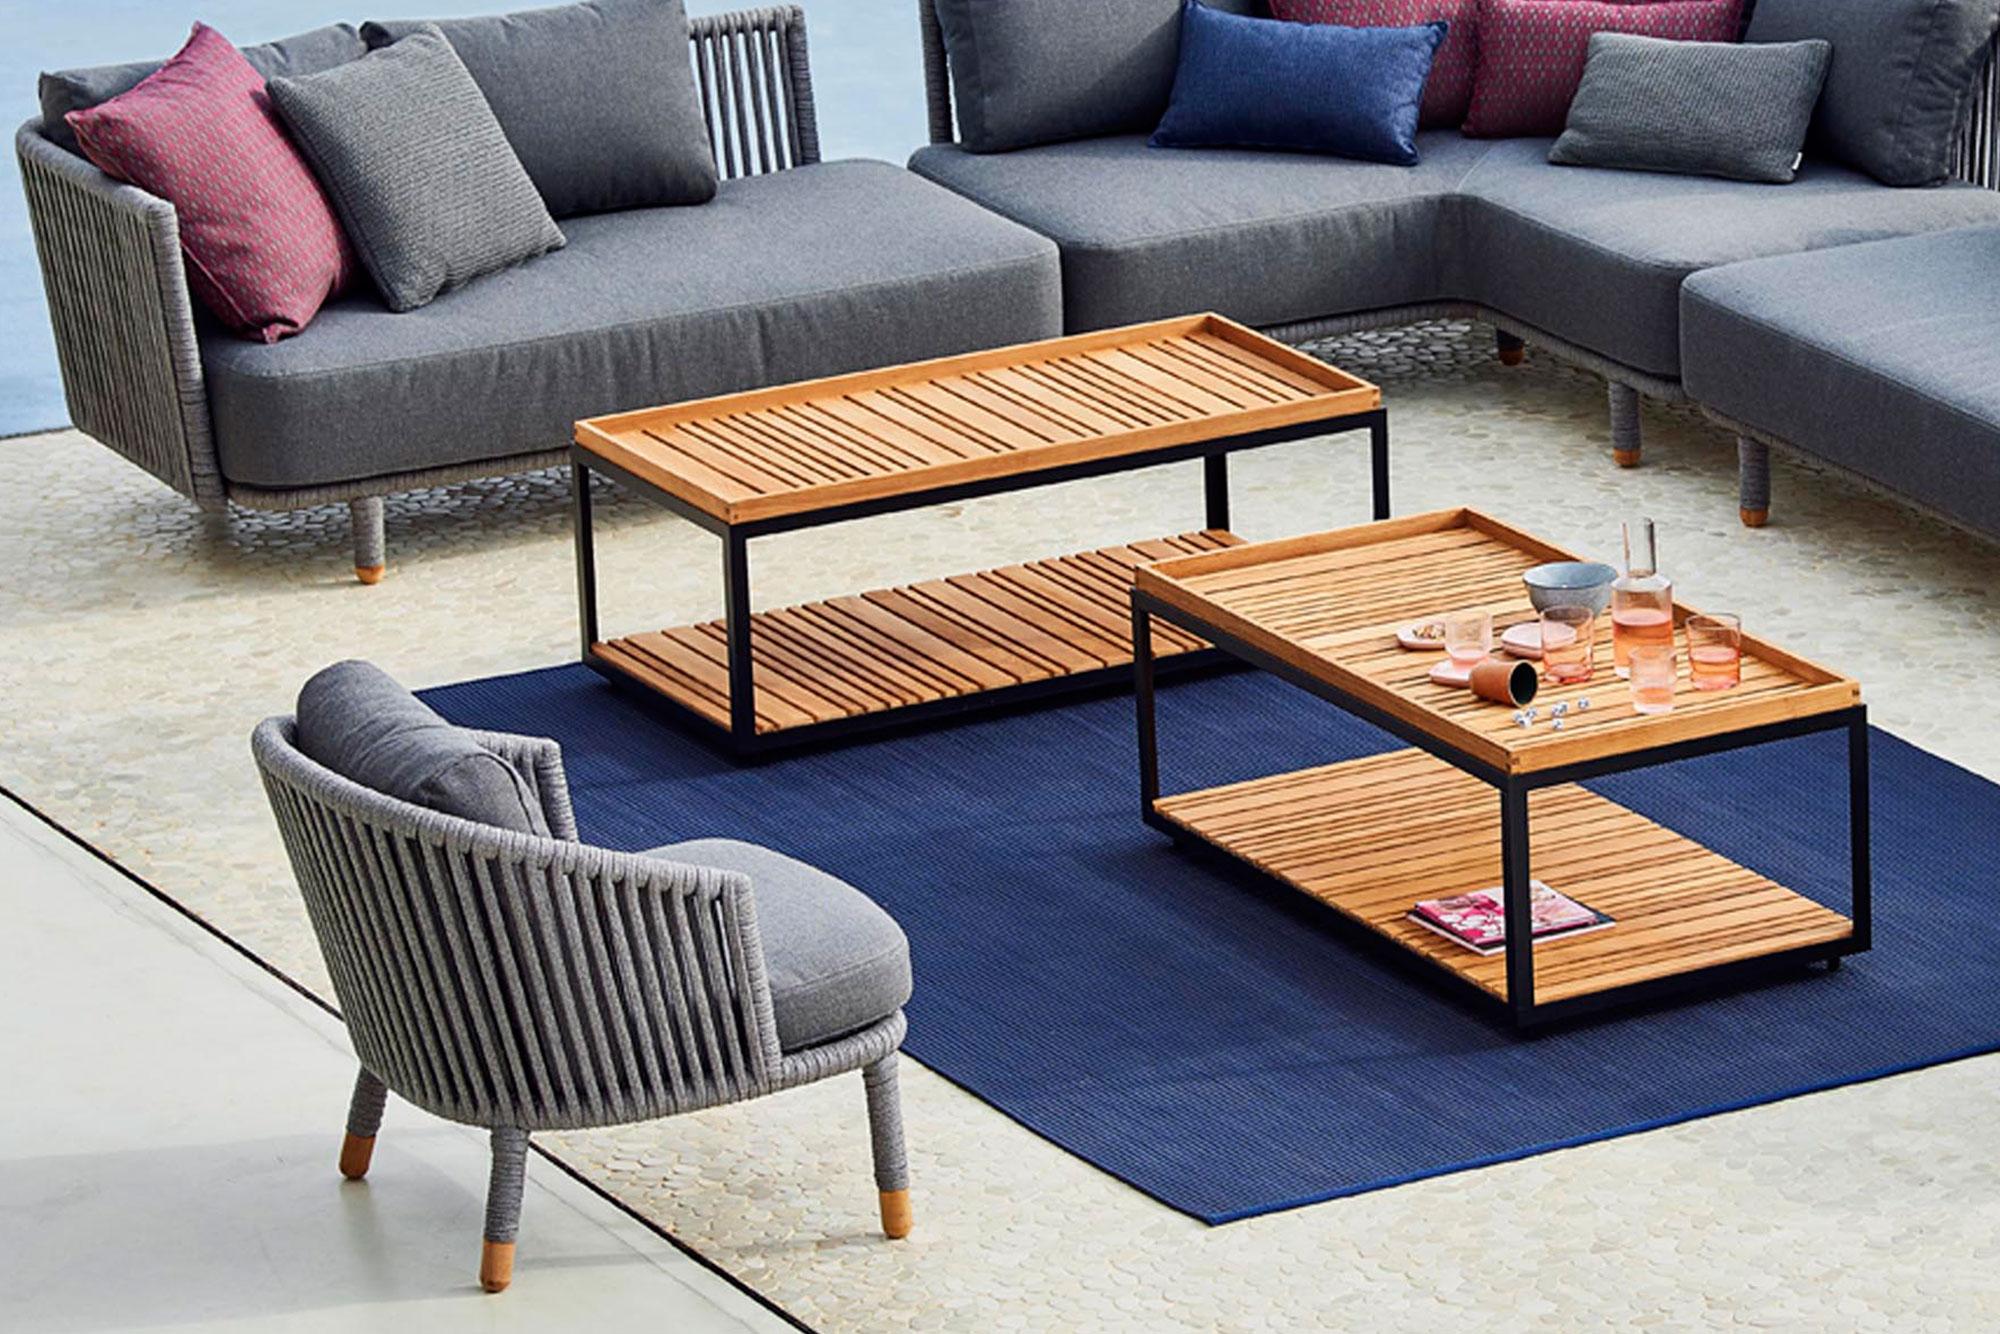 Köp Level Soffbord Rektangulärt från Cane line Nordiska Galle